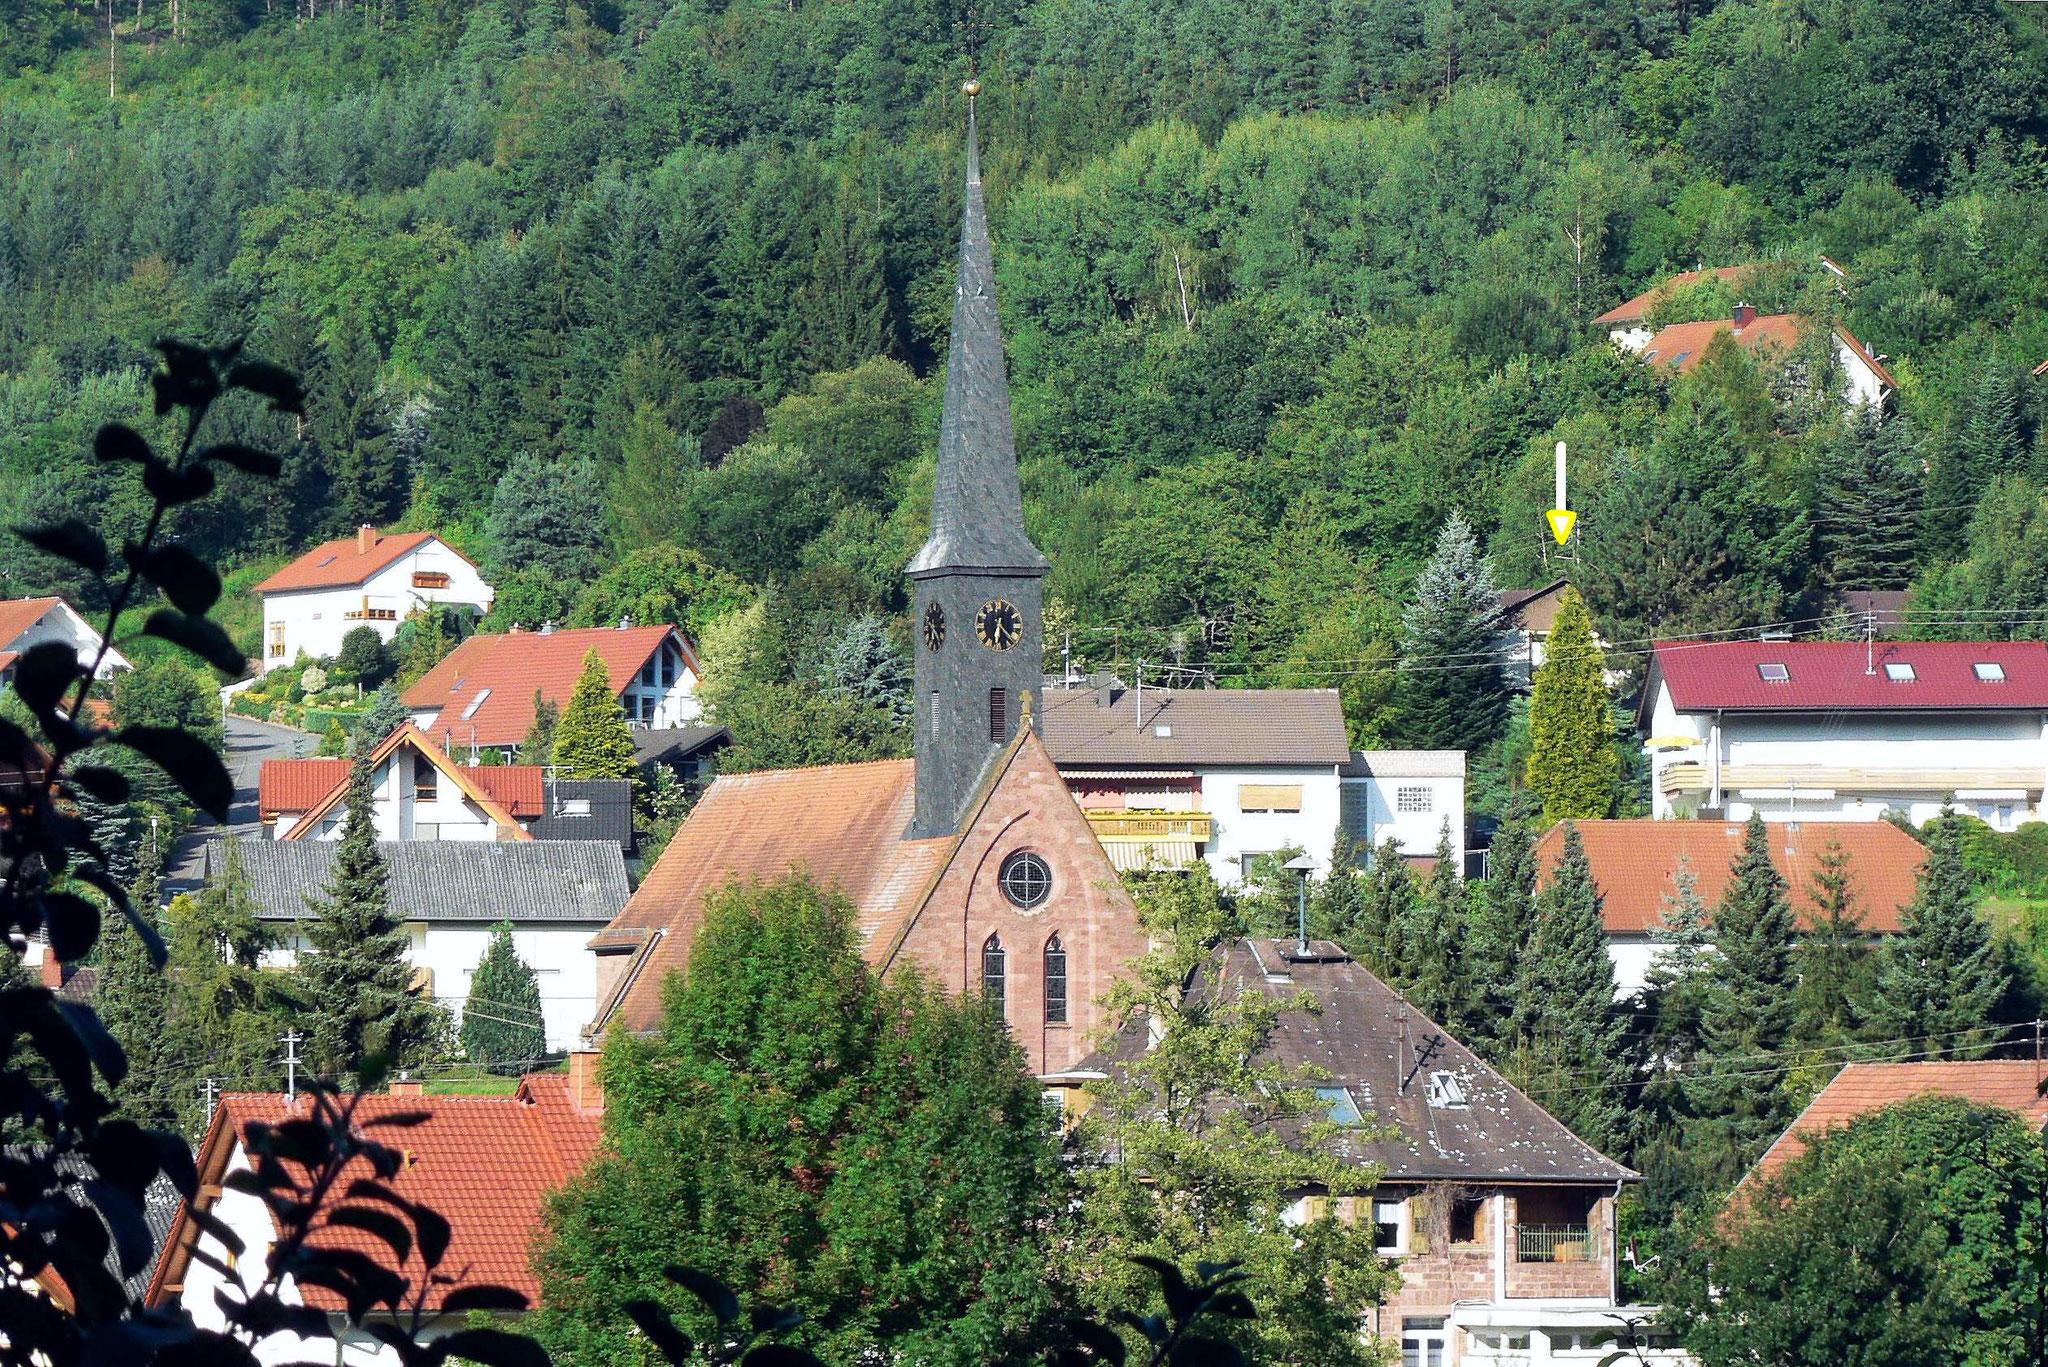 Blick nach Nordwest zum Mühlberg und rechts zum Haus (Pfeil)